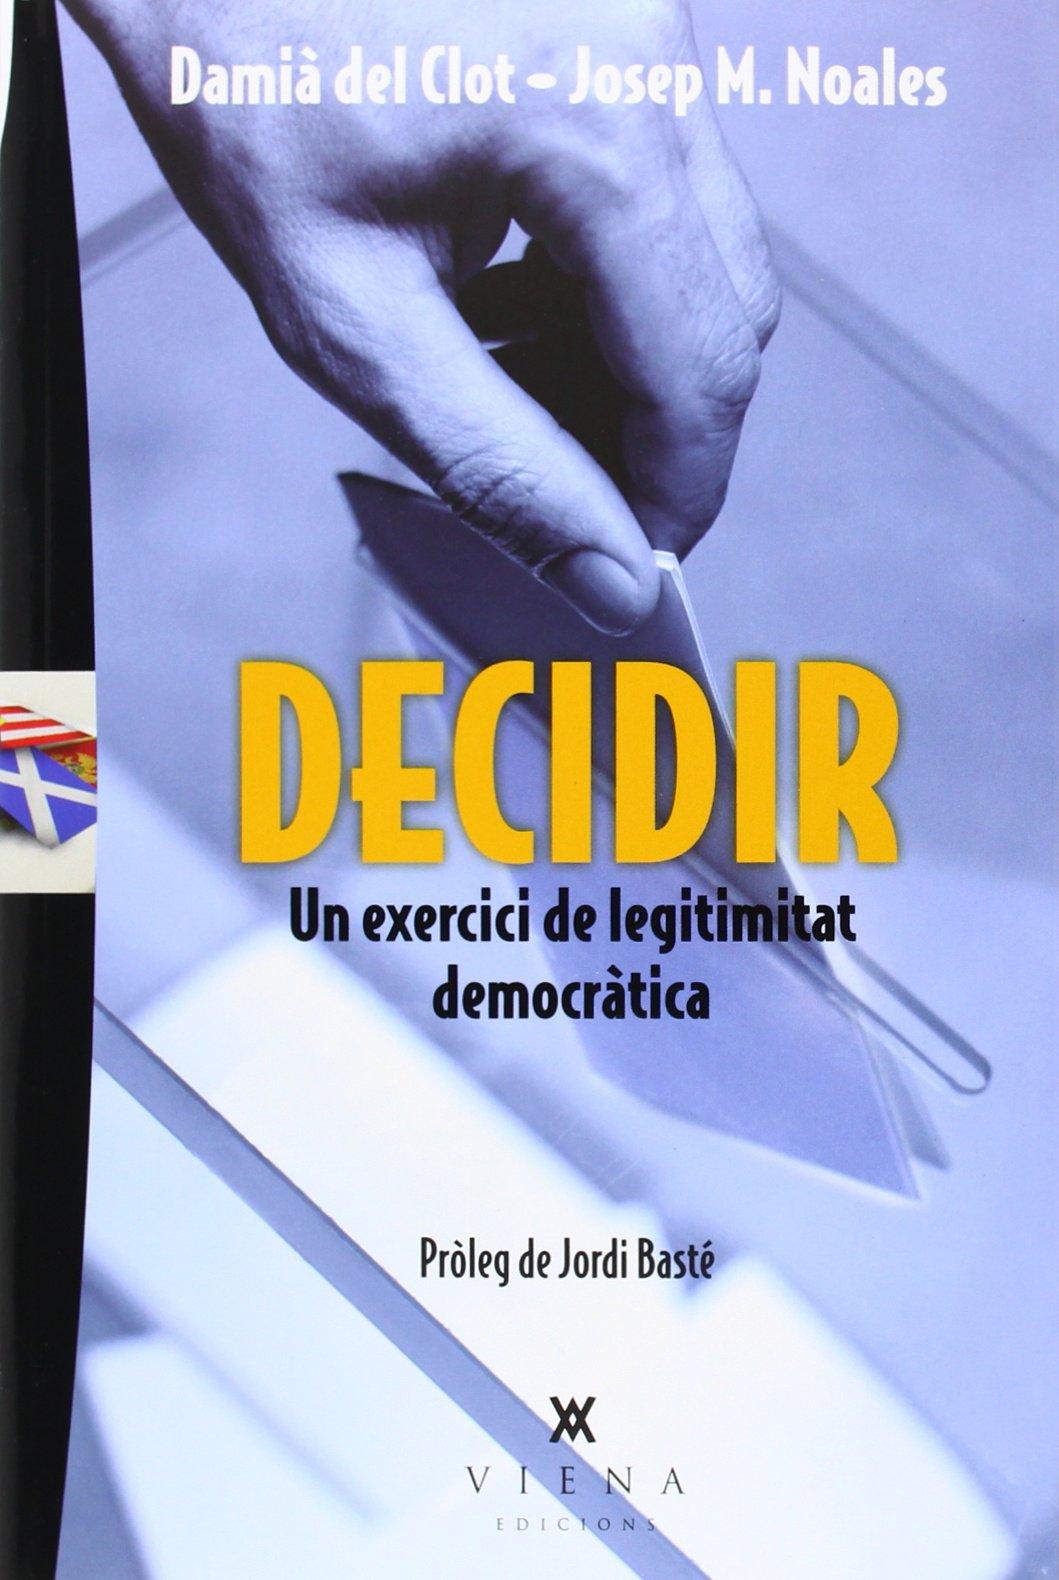 Decidir: Un exercici delegitimitat democràtica PDF ePub book